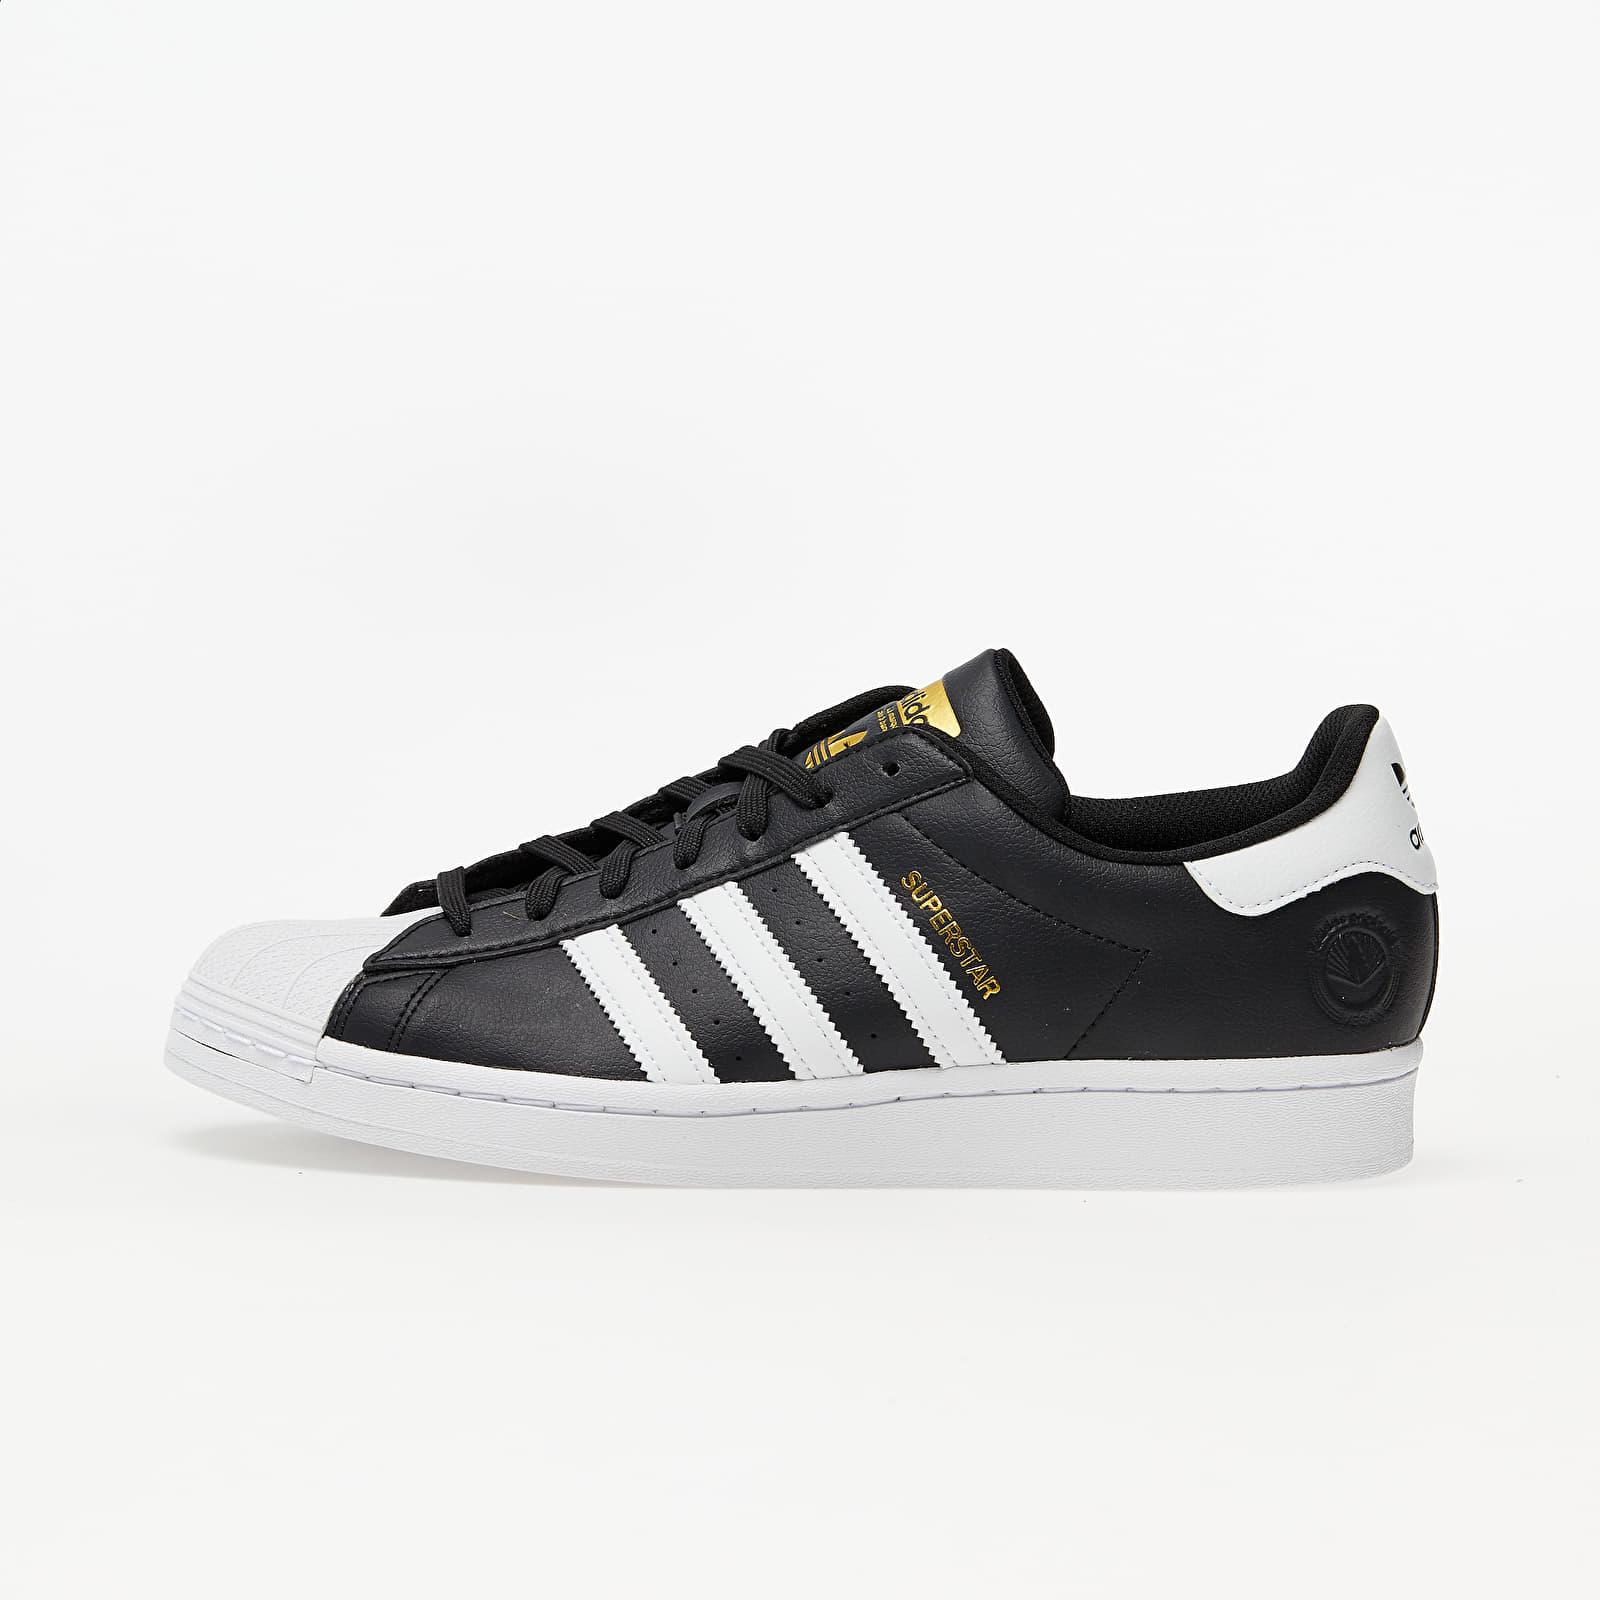 Încălțăminte și sneakerși pentru bărbați adidas Superstar Vegan Core Black/ Ftw White/ Gold Metalic